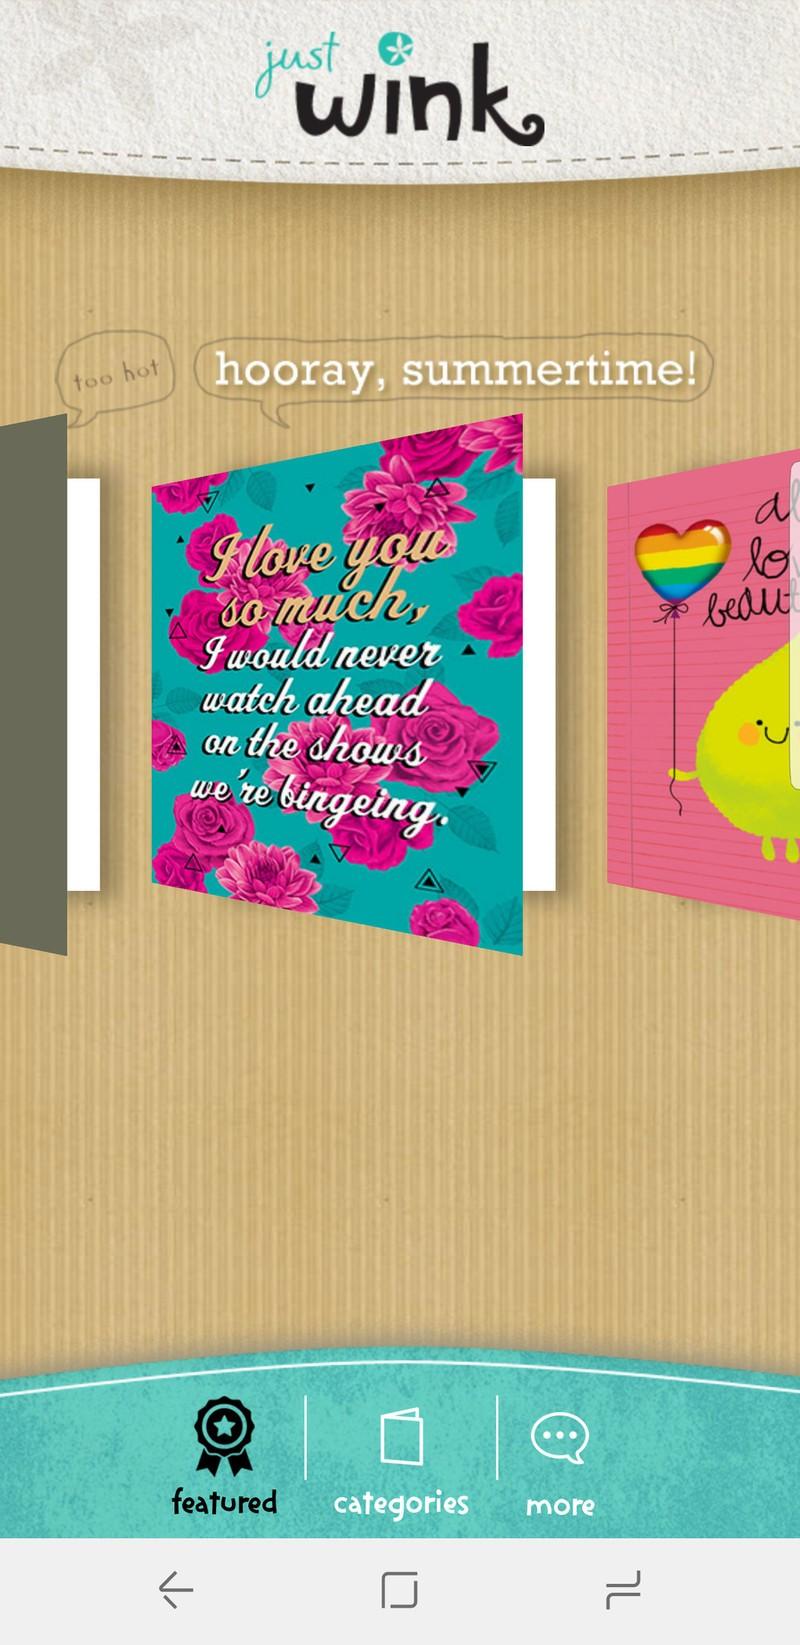 justwink-cards-screens-01.jpg?itok=J2ffS